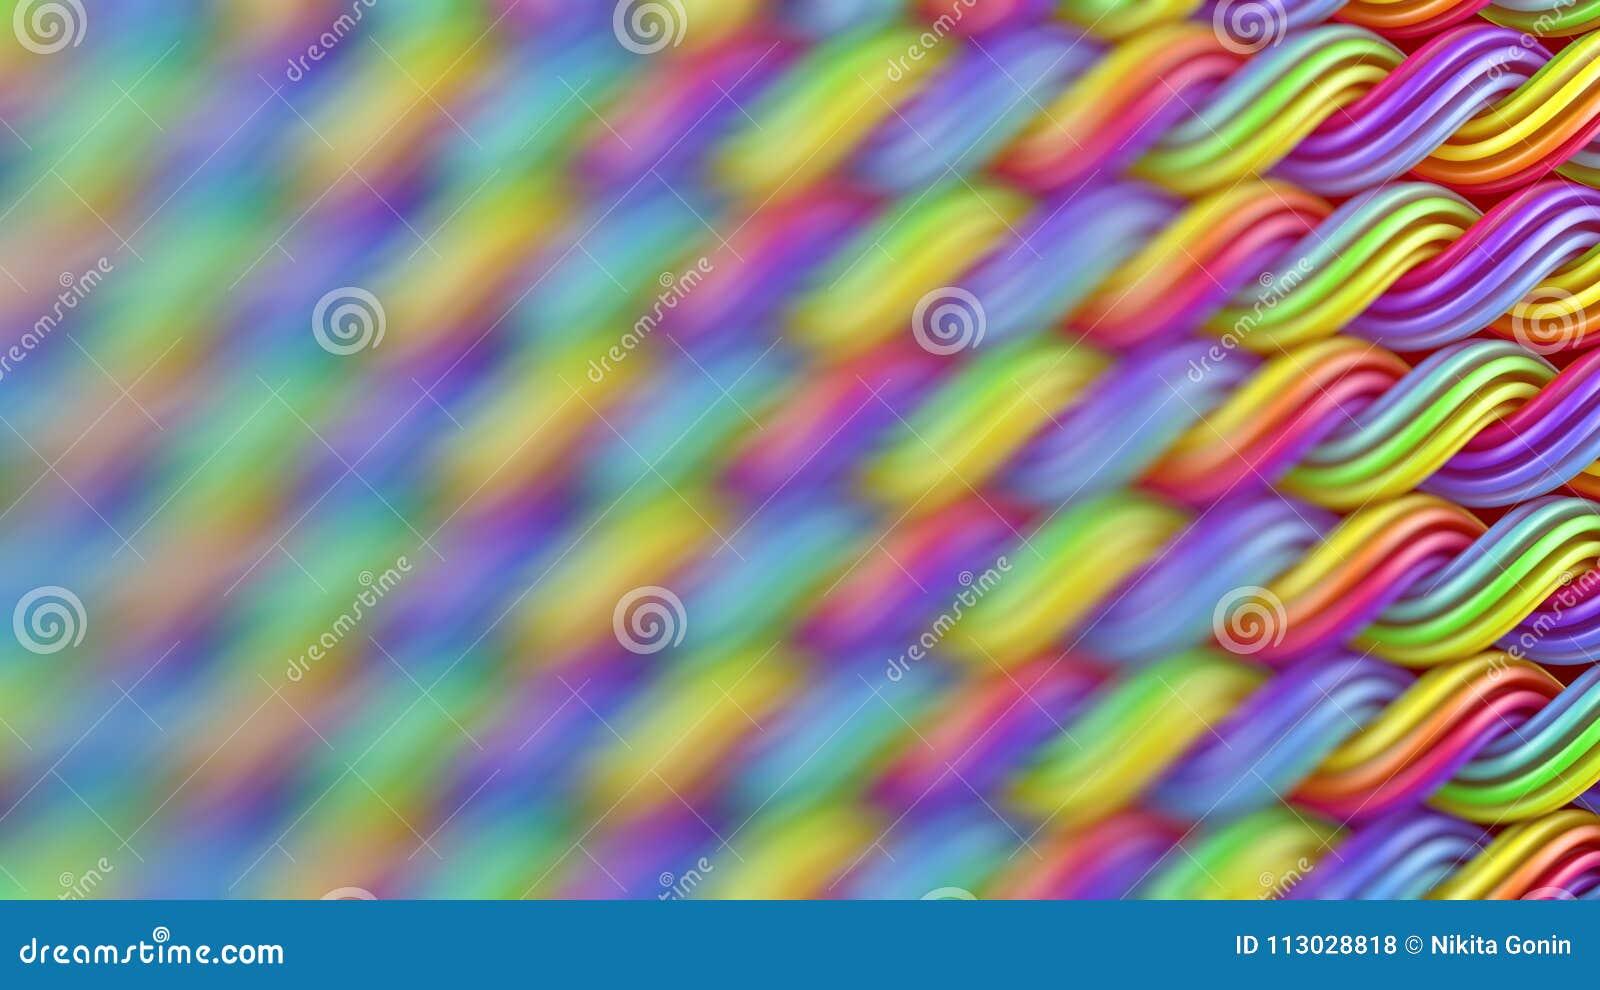 La superficie ondulada de curles multicolores adorna la representación abstracta 3D